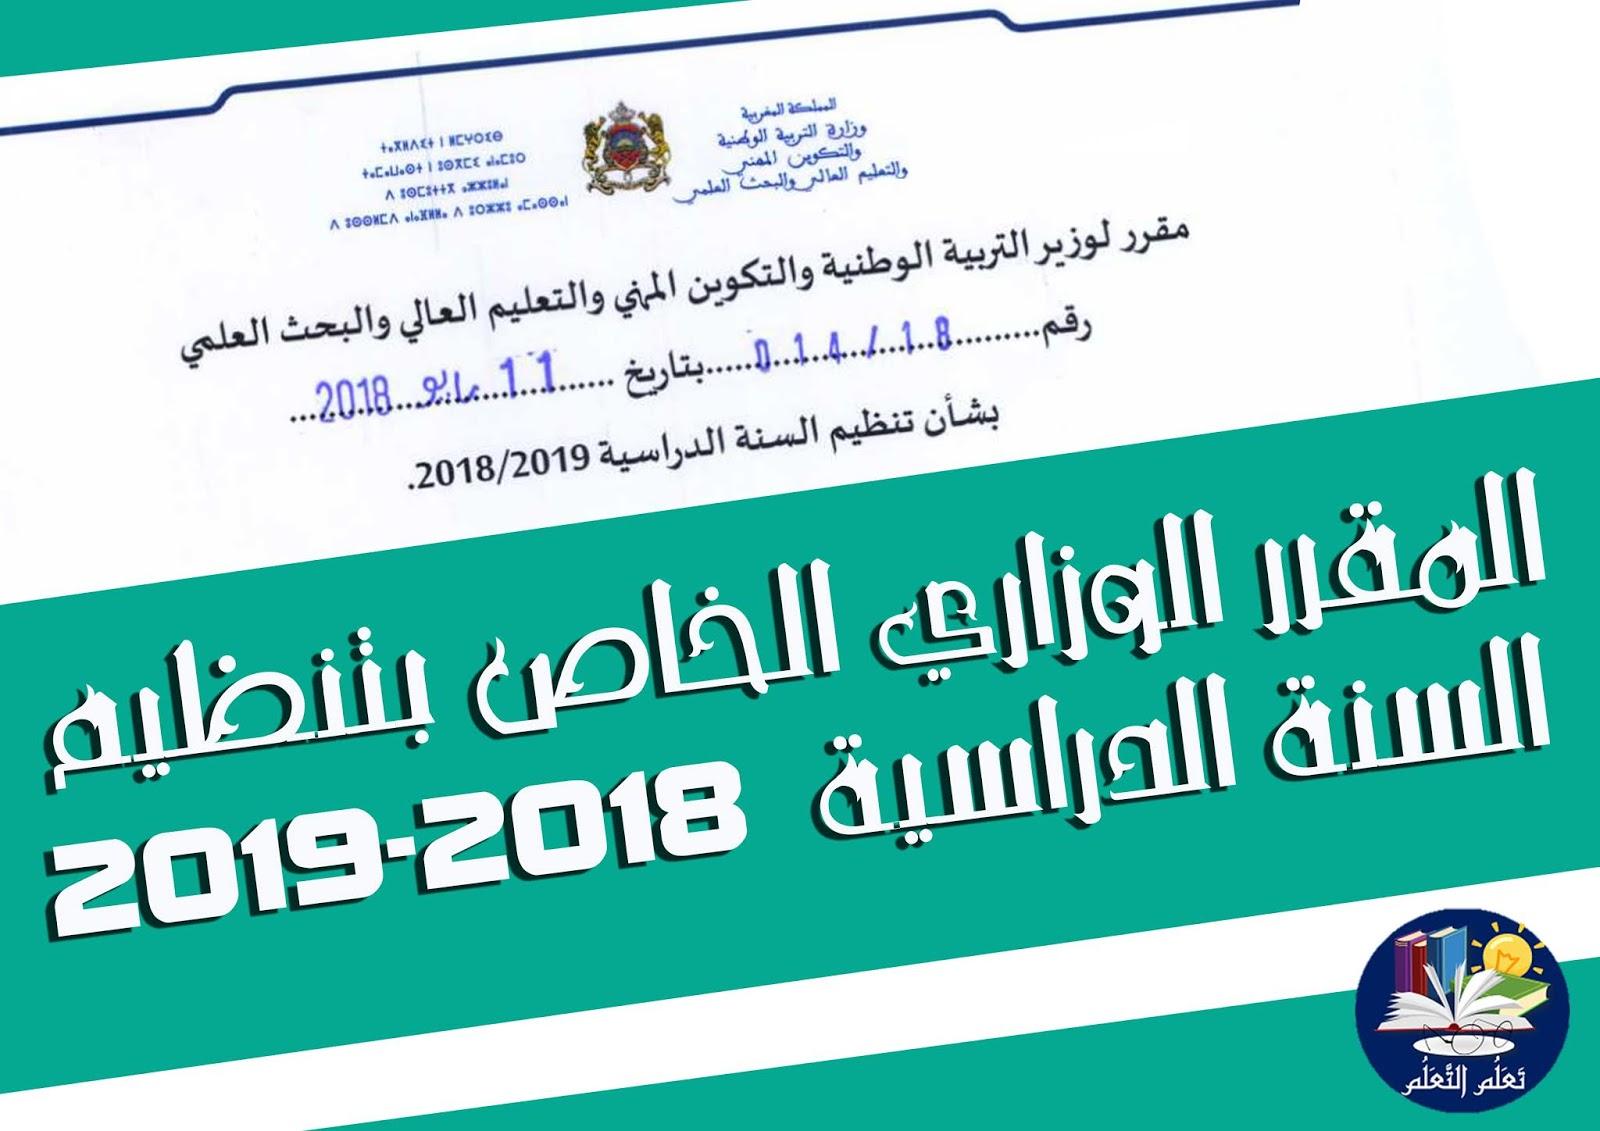 تعلم التعلم: المقرر الوزاري الخاص بتنظيم السنة الدراسية 2018-2019